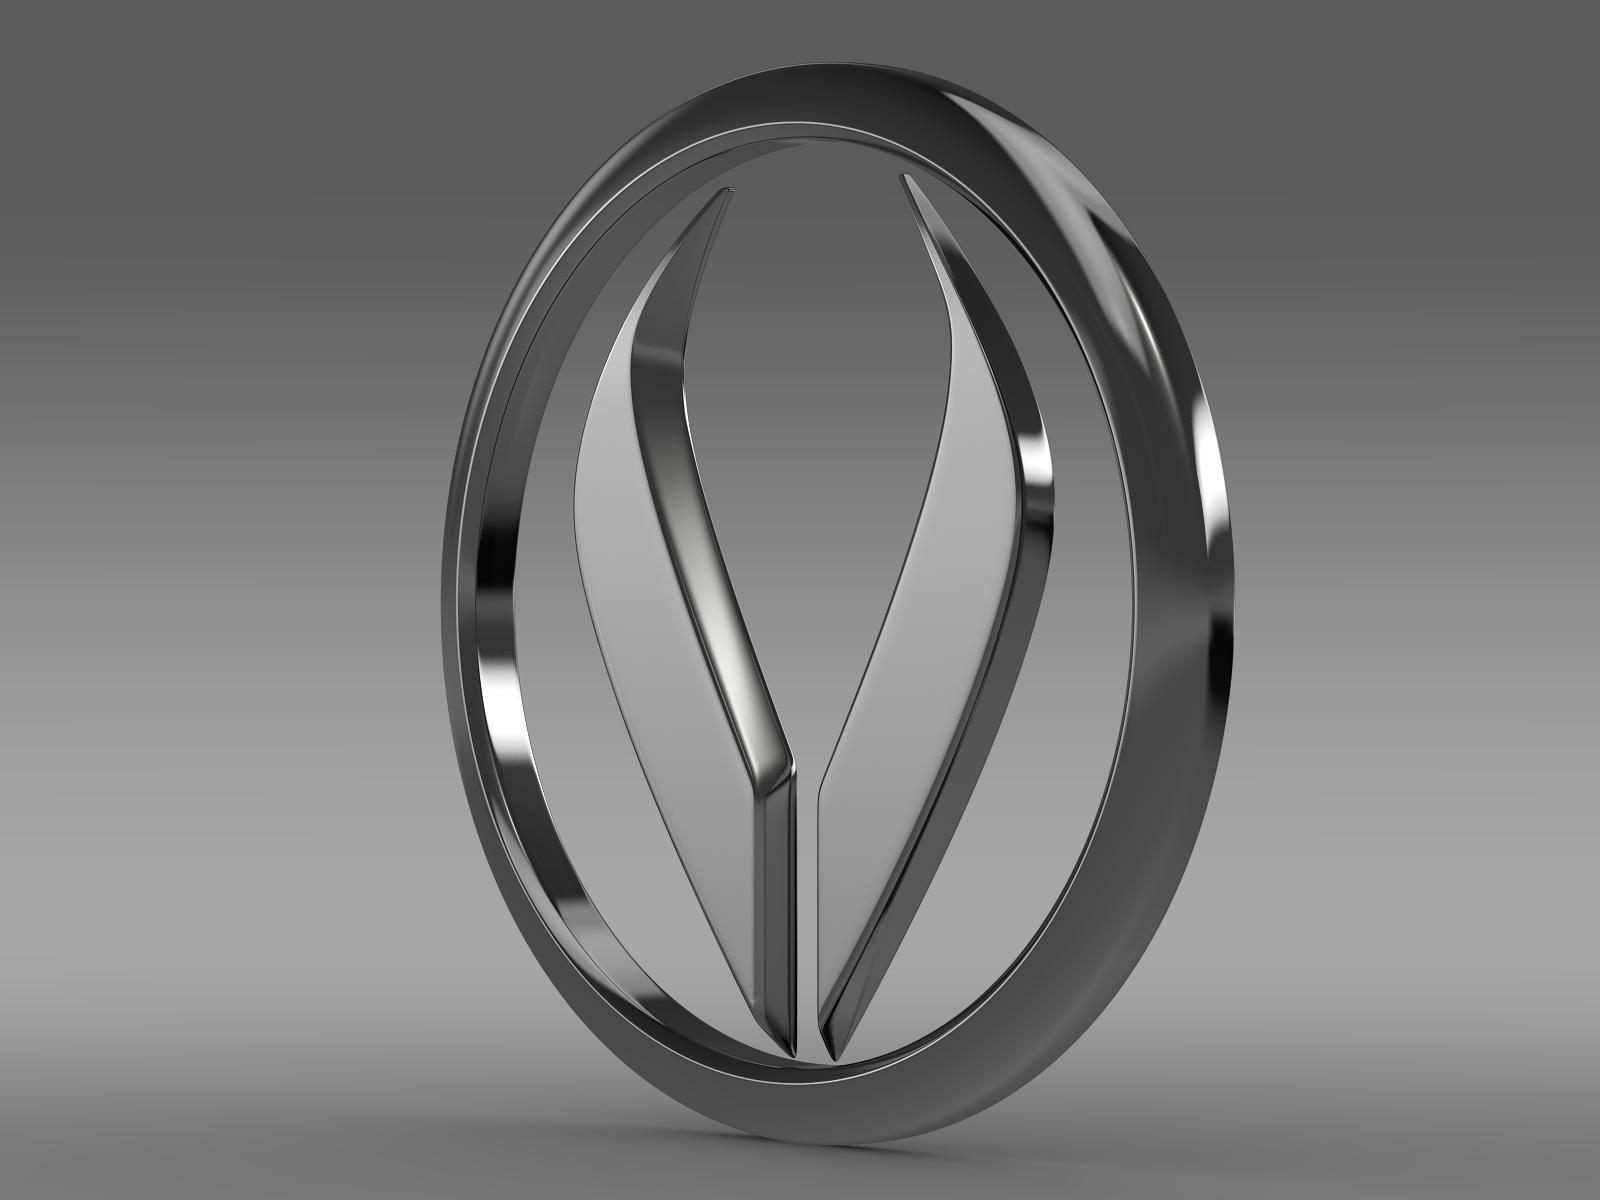 Alpheon logo 3d model 3ds max fbx c4d lwo lws lw ma mb  obj 208195